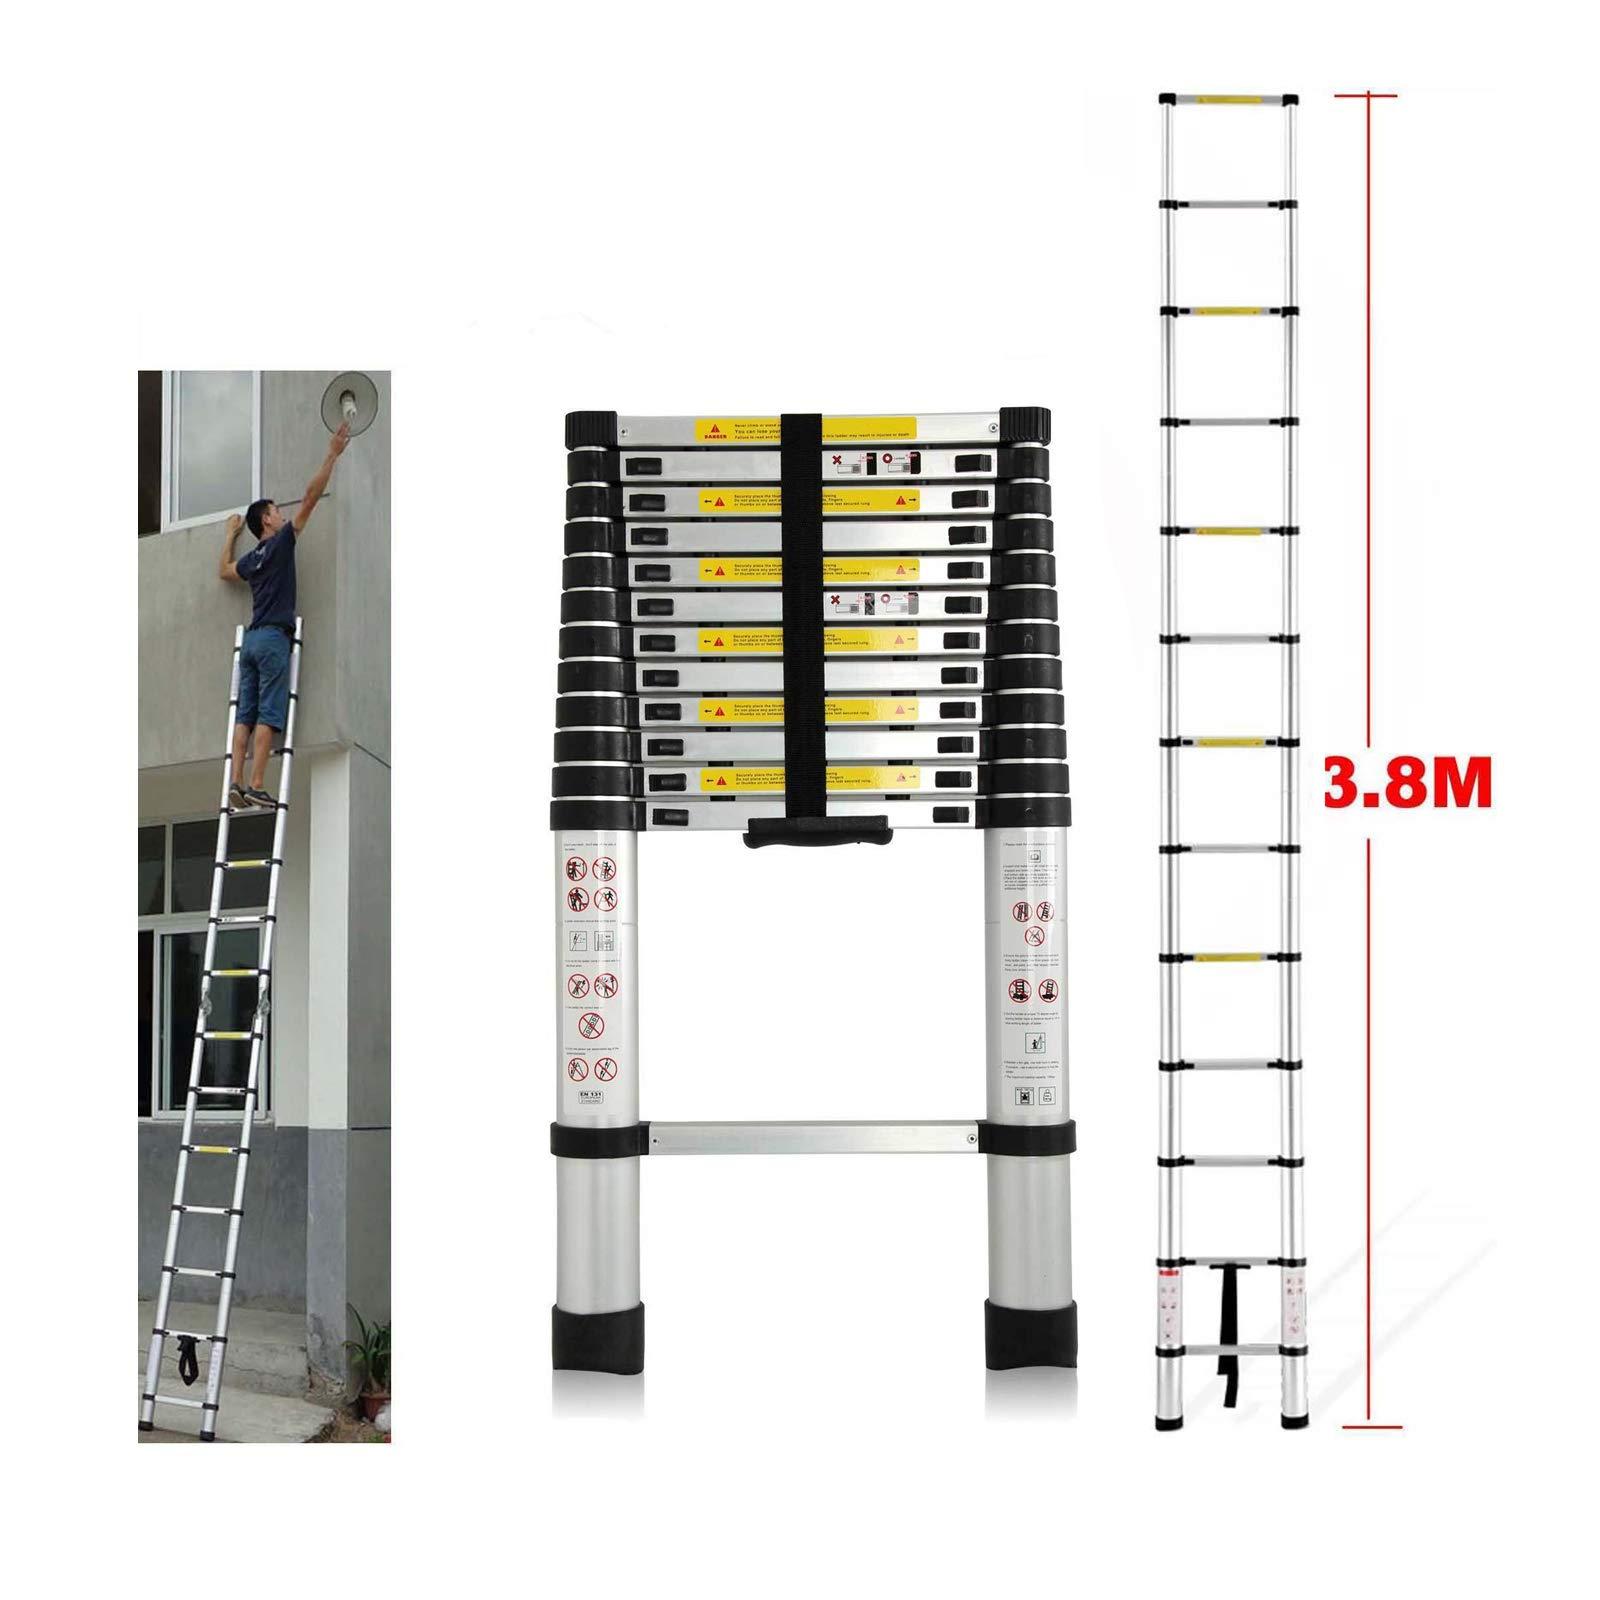 Ligero Aluminio Escalera telescópica extensión plegable retráctil ajustable estilo Climb 13 Medidas 12,5 ft/kg capacidad: Amazon.es: Bricolaje y herramientas